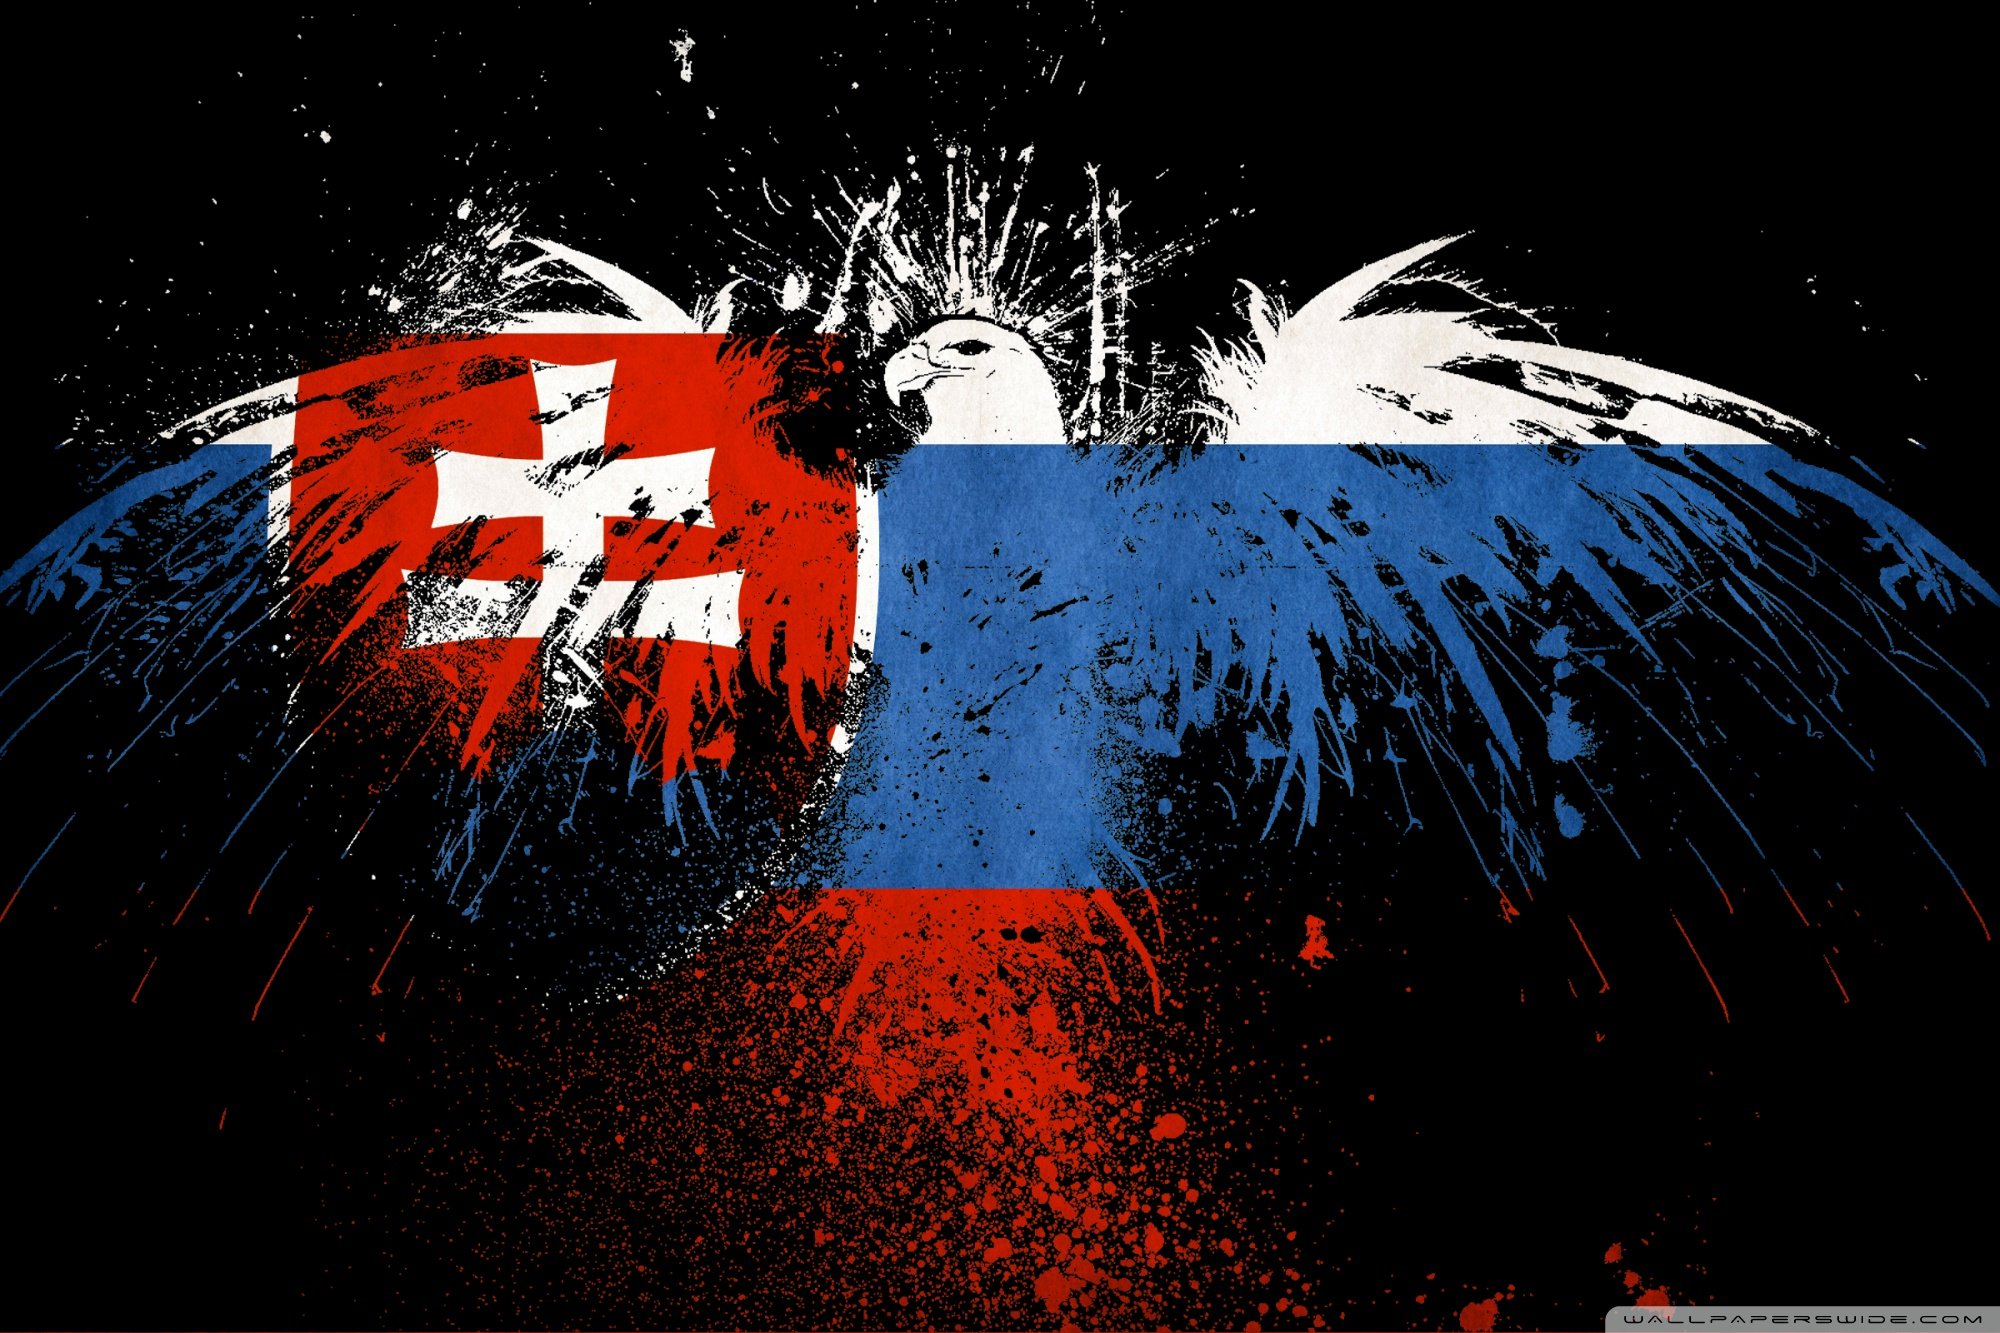 Grunge Flag Of Slovakia 4K HD Desktop Wallpaper for 4K Ultra HD 2000x1333